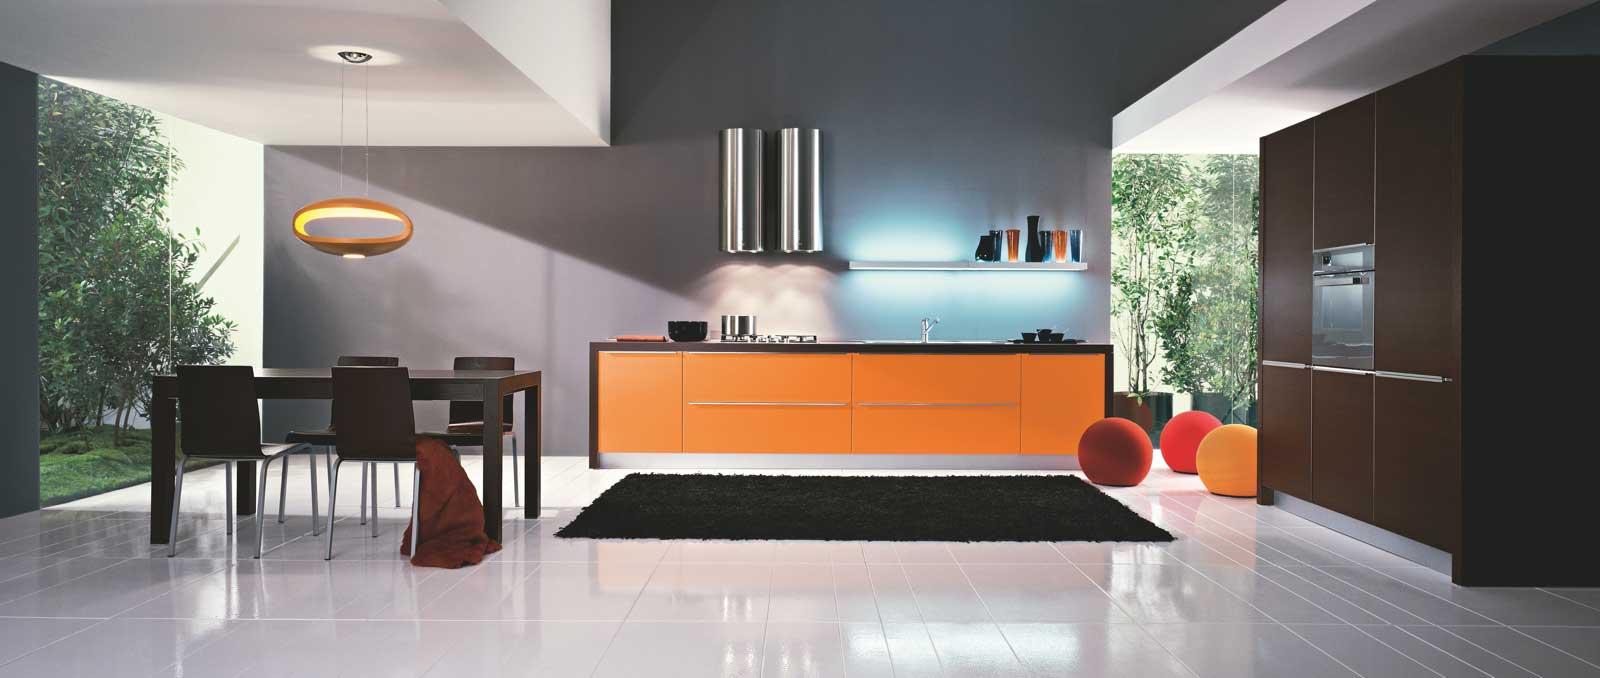 Sobre, épurée l'originalité de cette cuisine est dans la couleur et les retours de plan de travail qui lui donne une tendance très jeune et moderne. Façades orange mat et tabac.